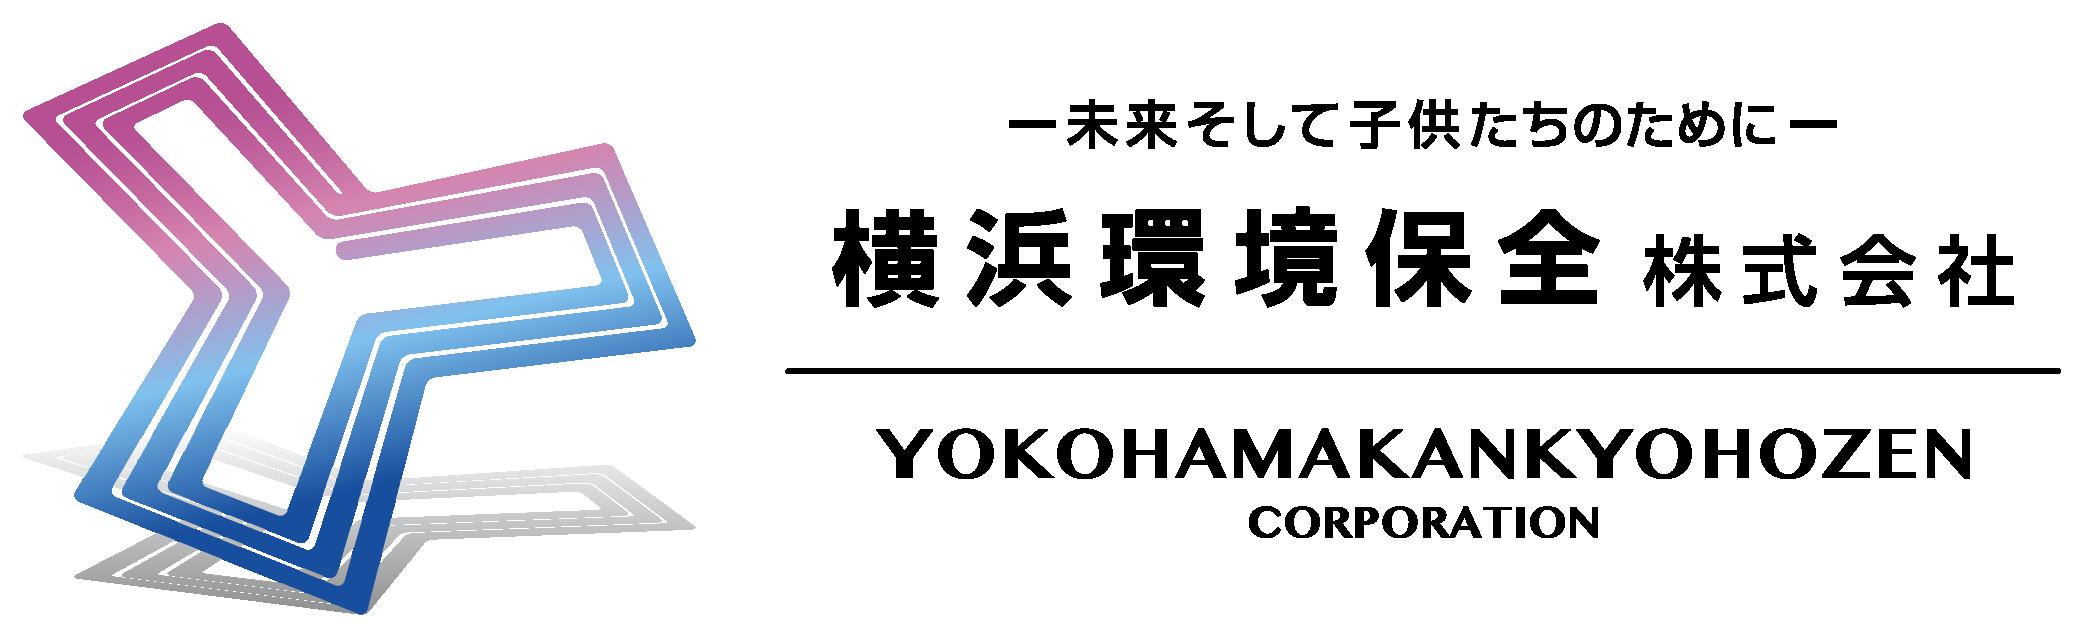 サービス業と近未来とマルチカラーのロゴ